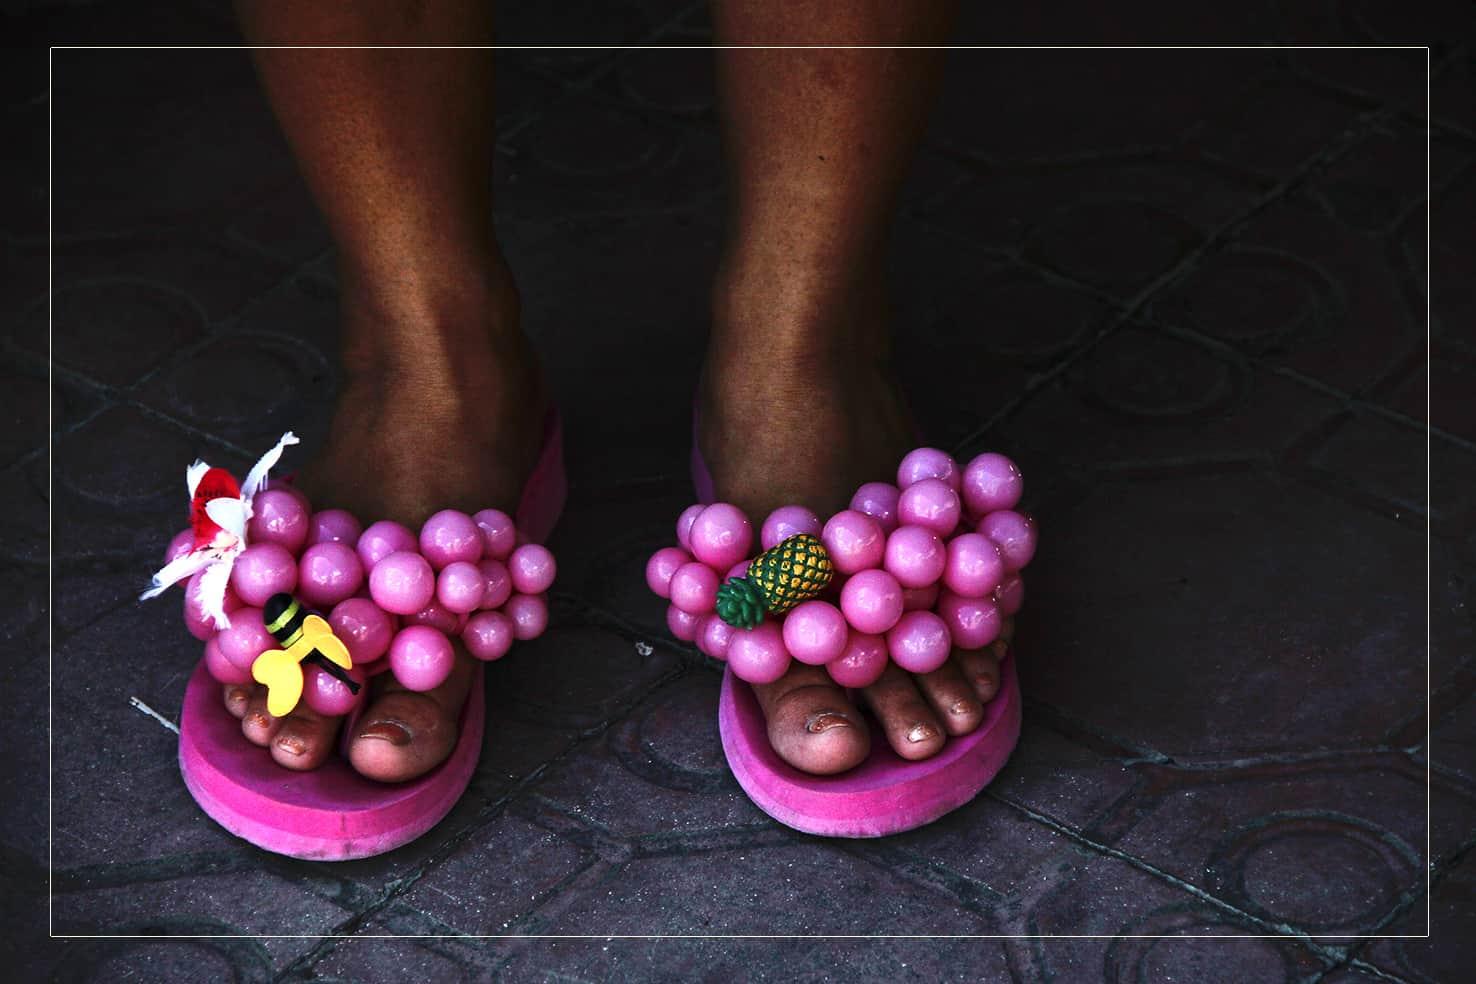 Pink Slippers einer Muchacha